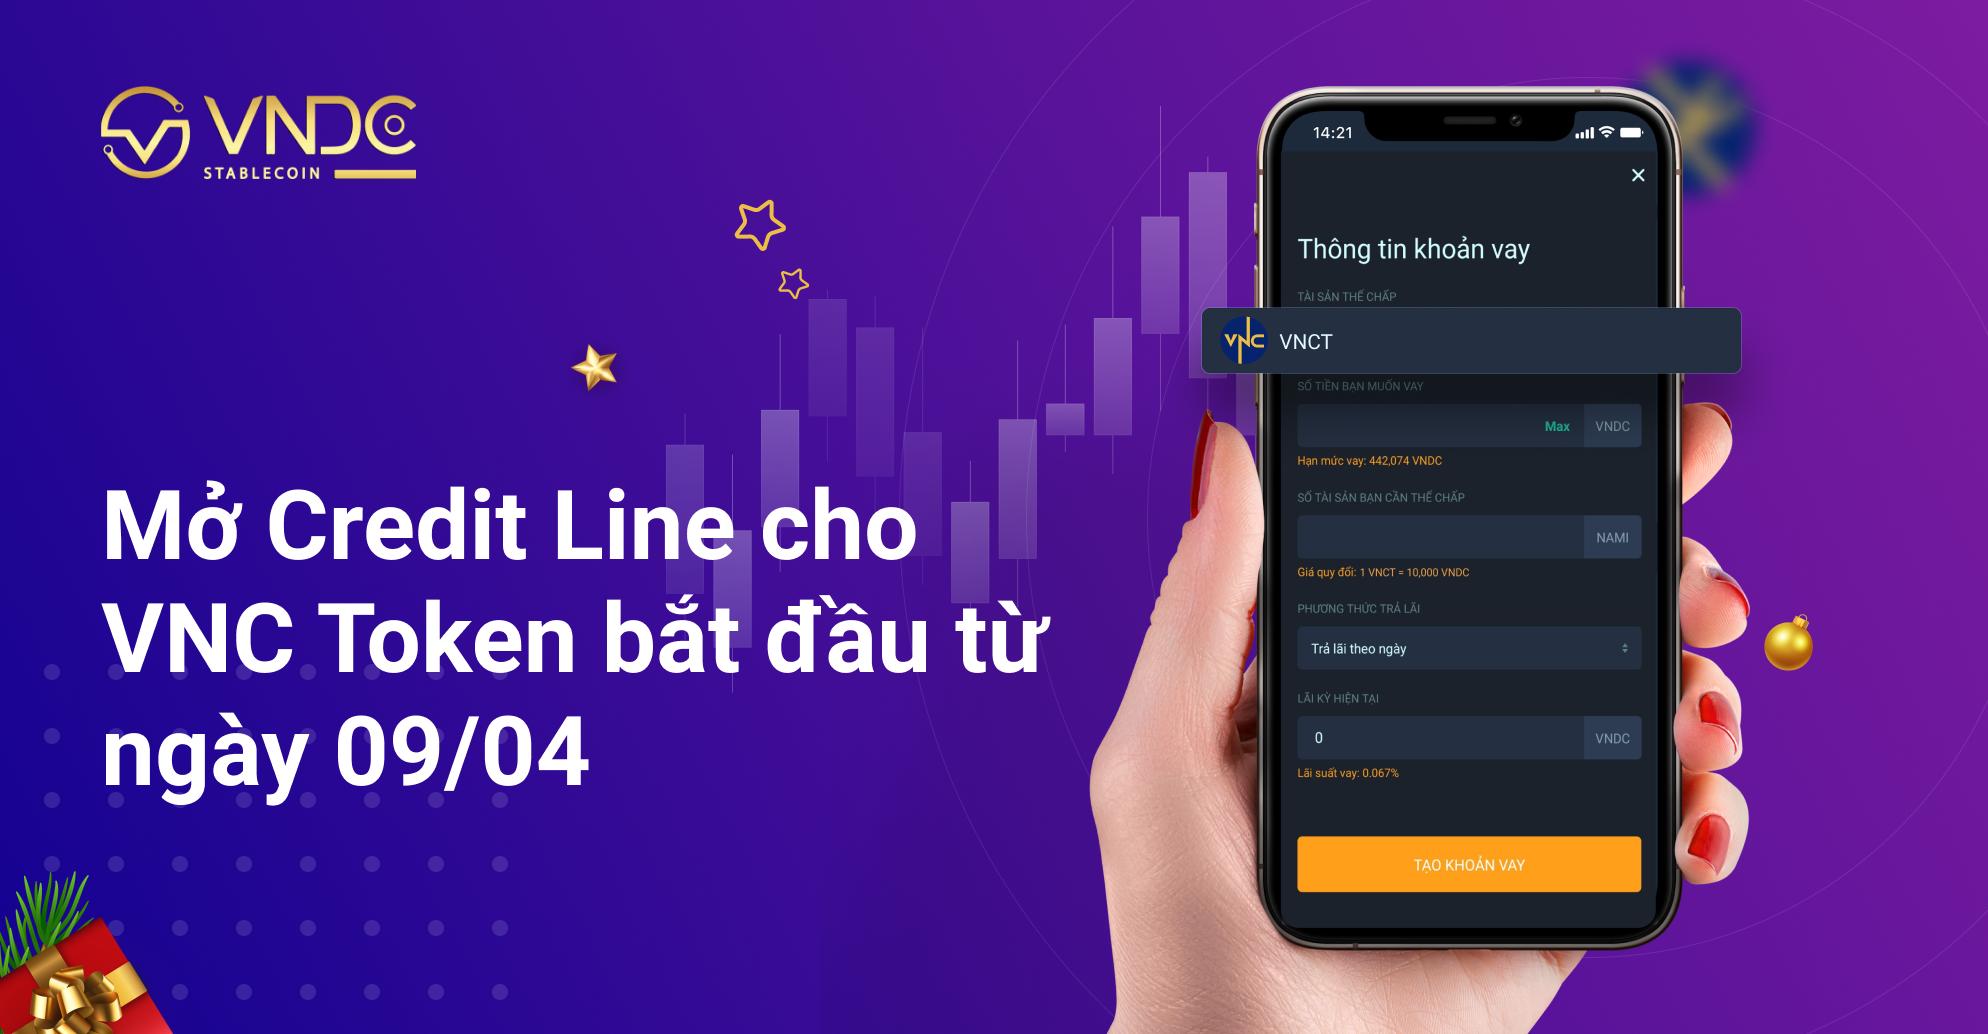 Thông báo: Mở Credit Line cho VNC Token bắt đầu từ ngày 09/04